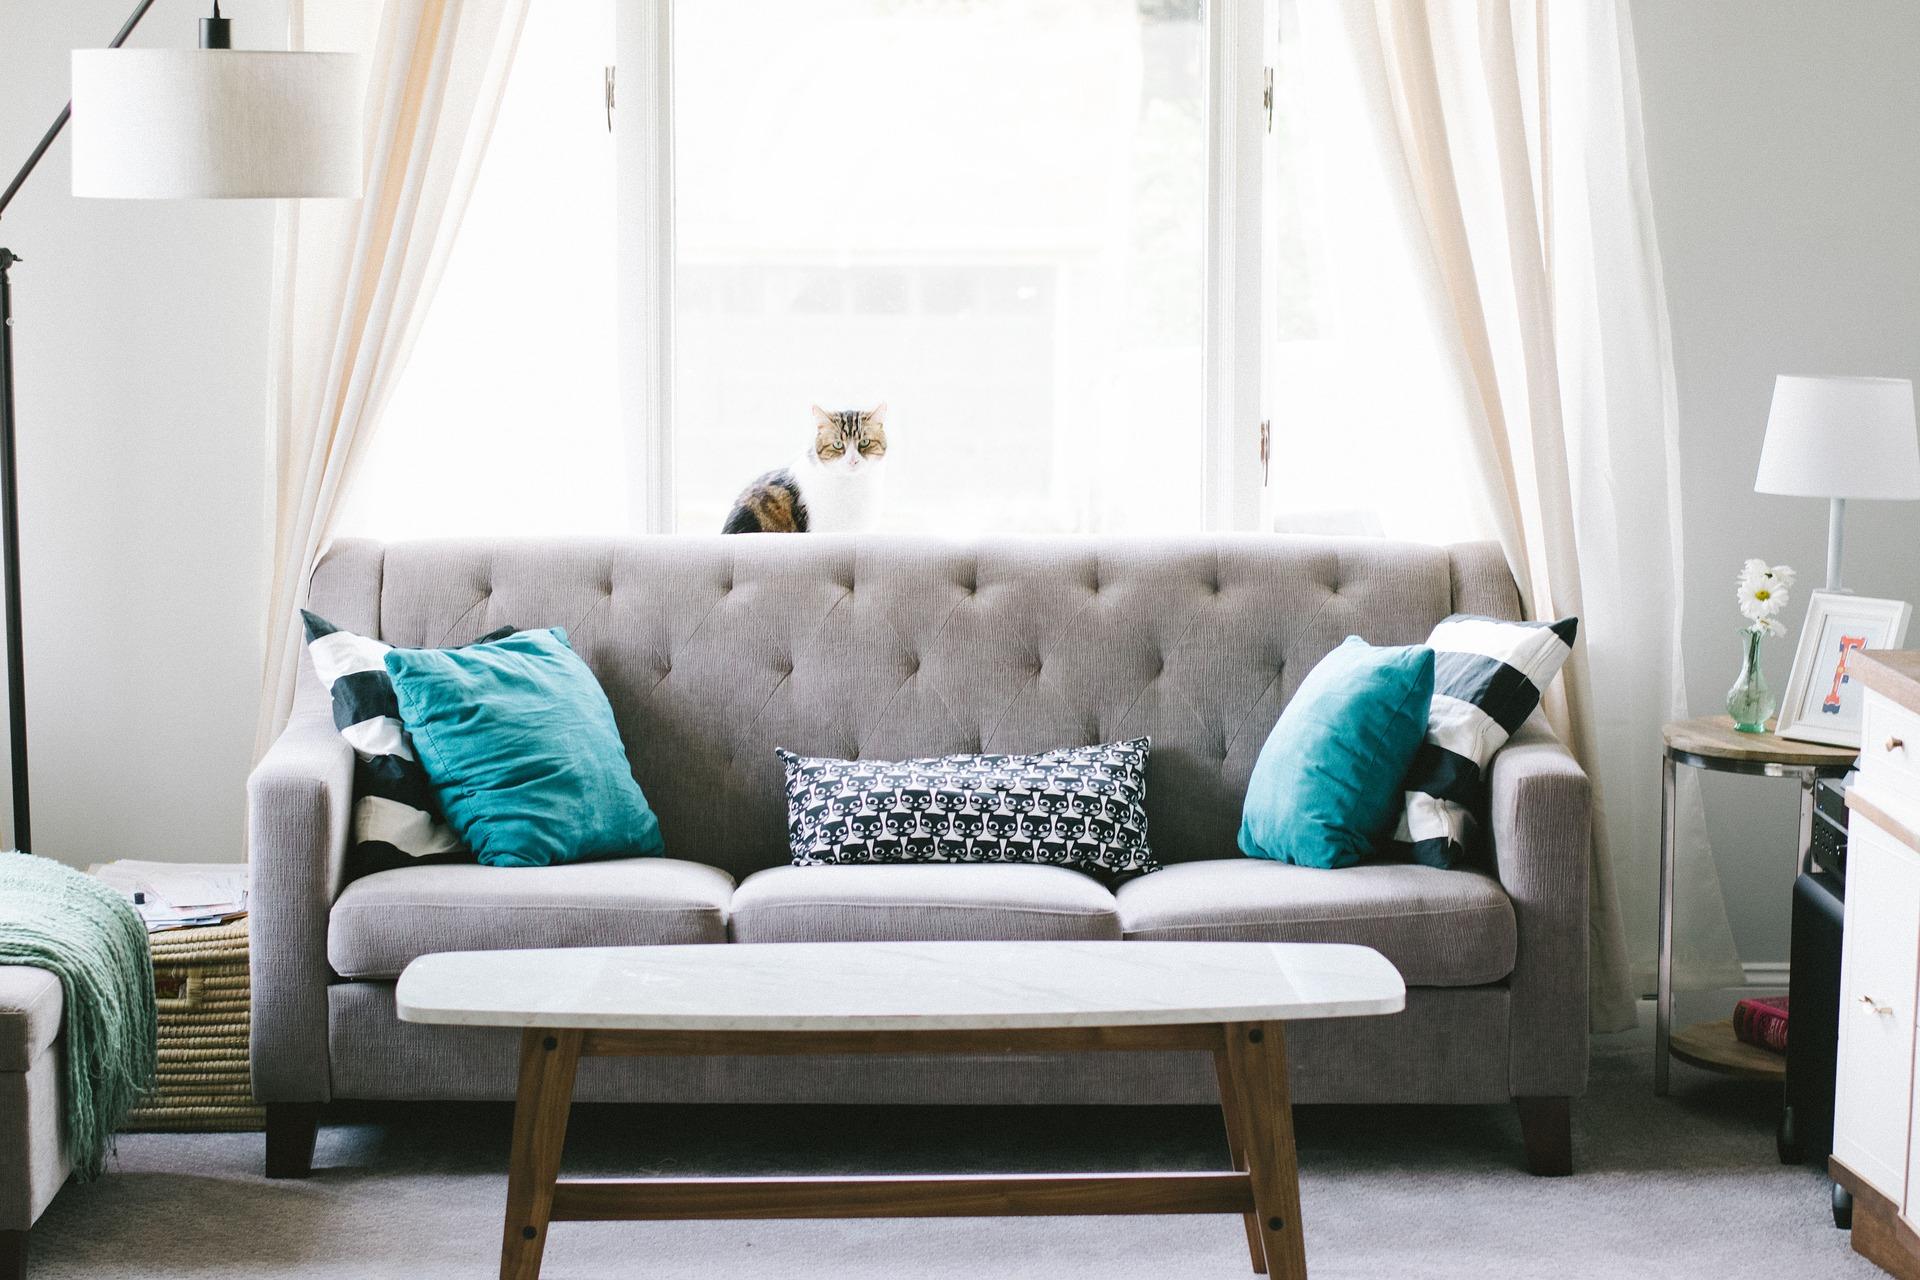 Moderno.dk: Alt i sofaer i god kvalitet og smukt design med plads til hele familien